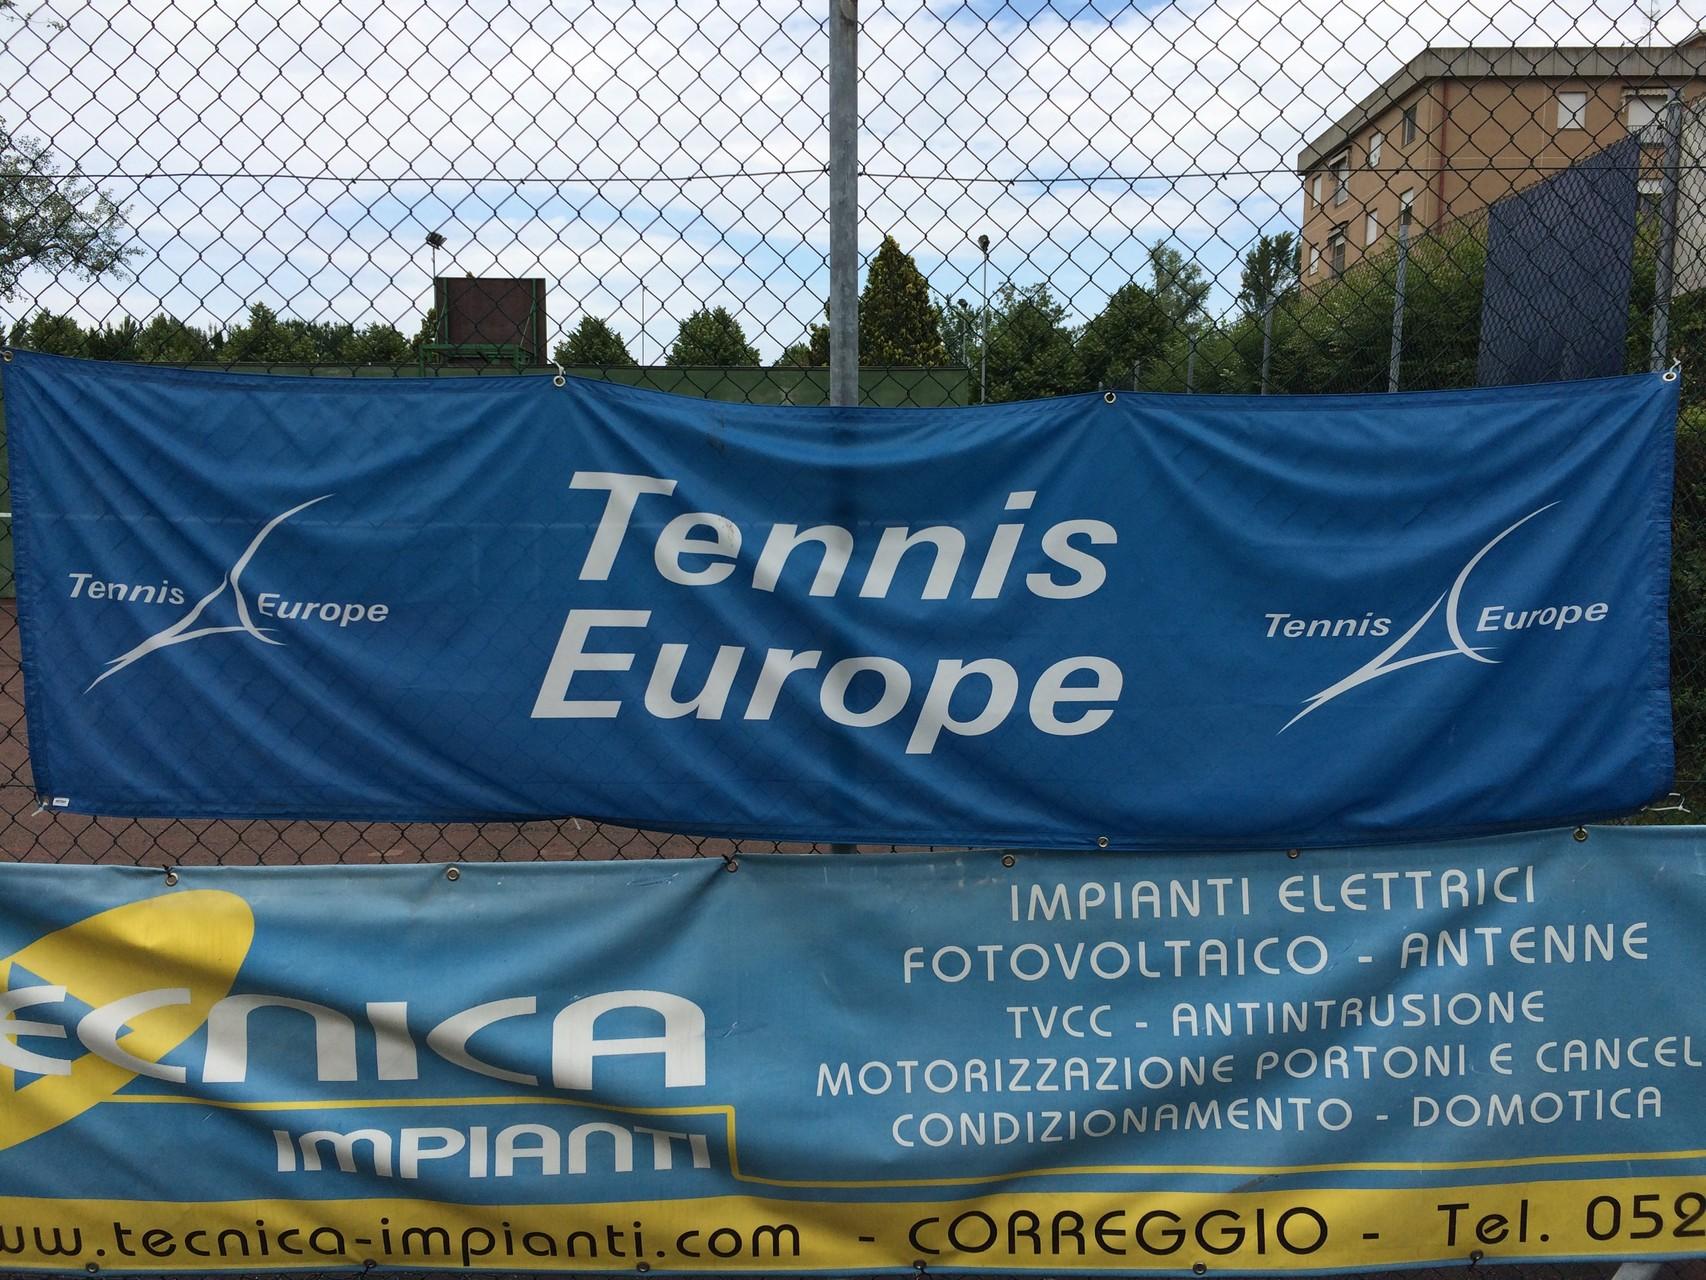 Tennis Europe